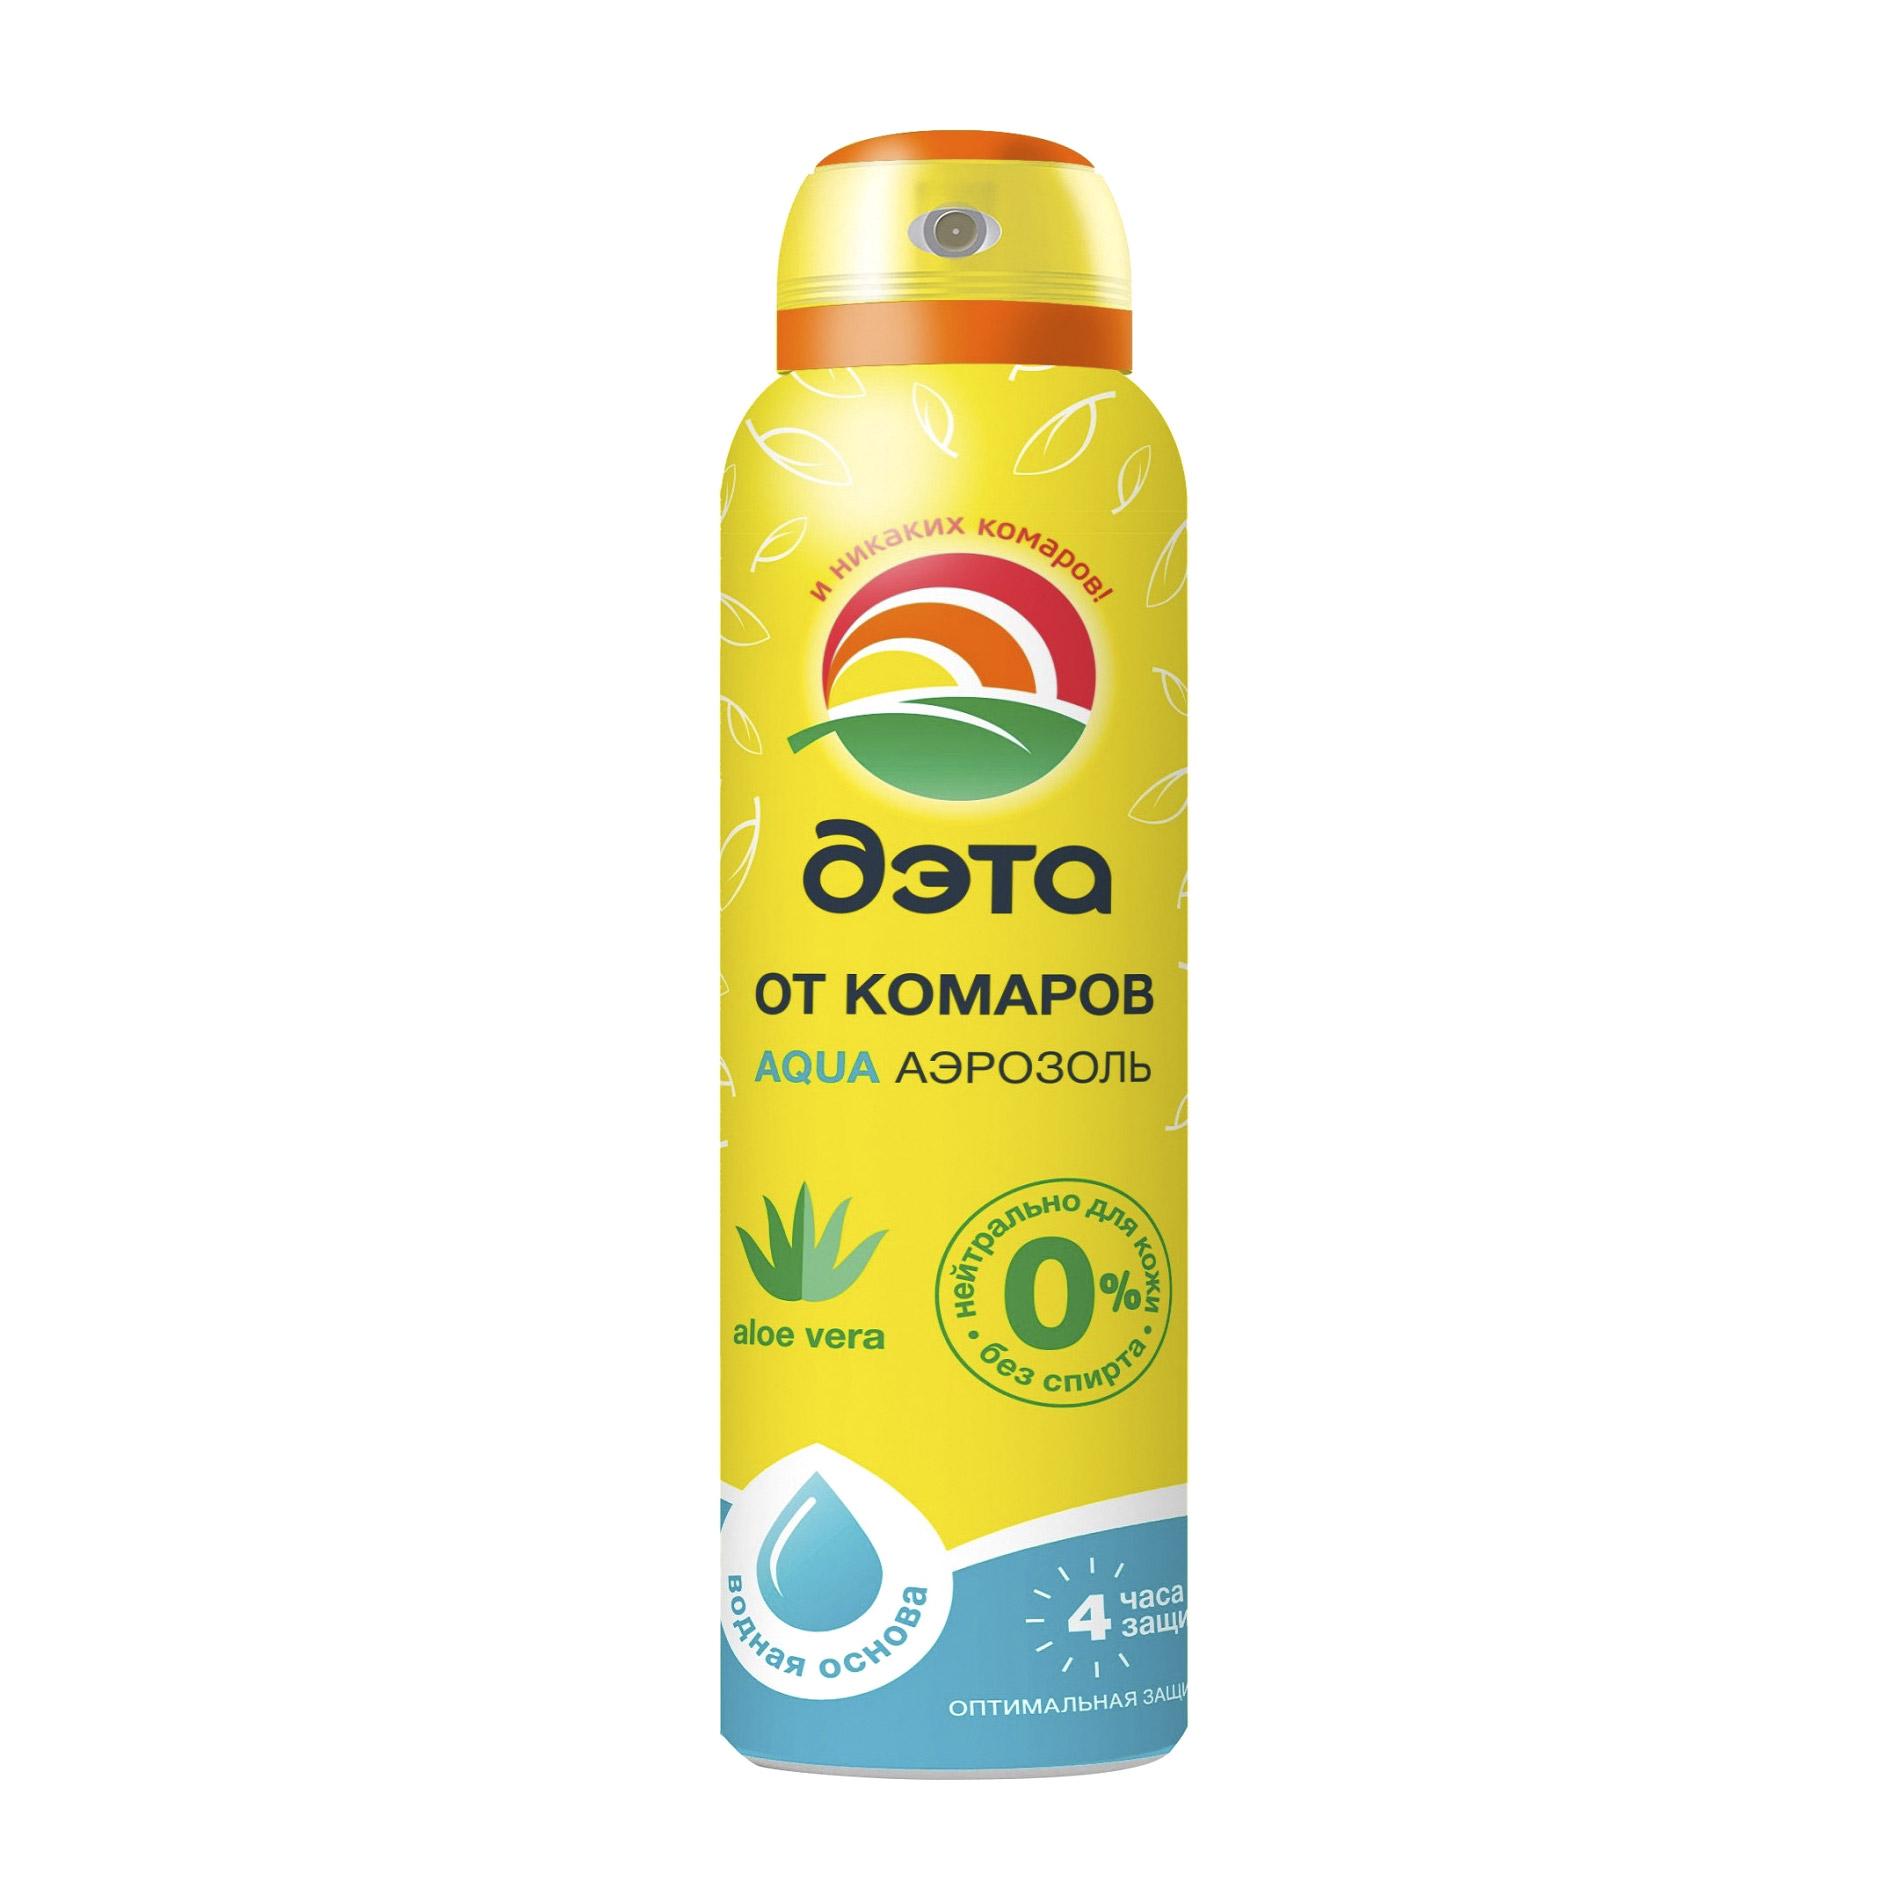 Аэрозоль Дэта от комаров 150 мл репеллент от комаров и мошек дэта aqua 4 часа защиты аэрозоль 150 мл